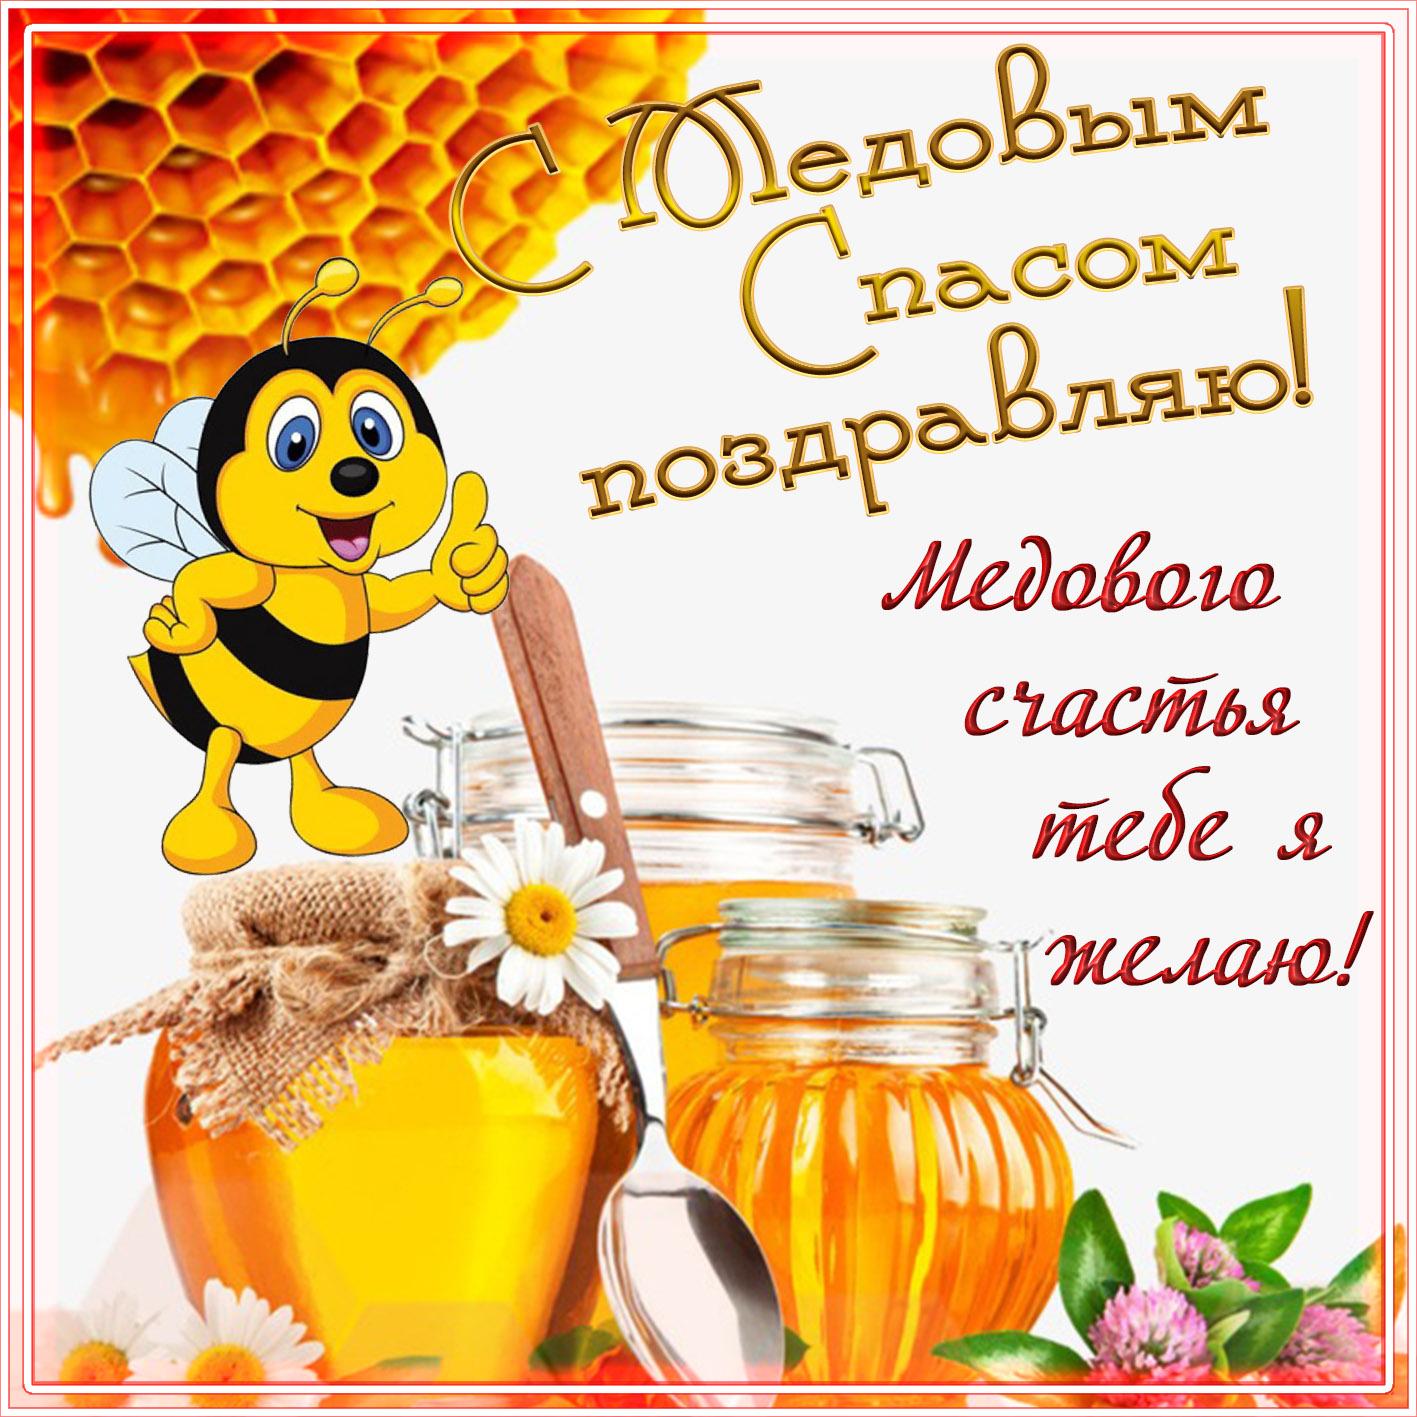 Открытка - забавная пчёлка поздравляет с Медовым Спасом